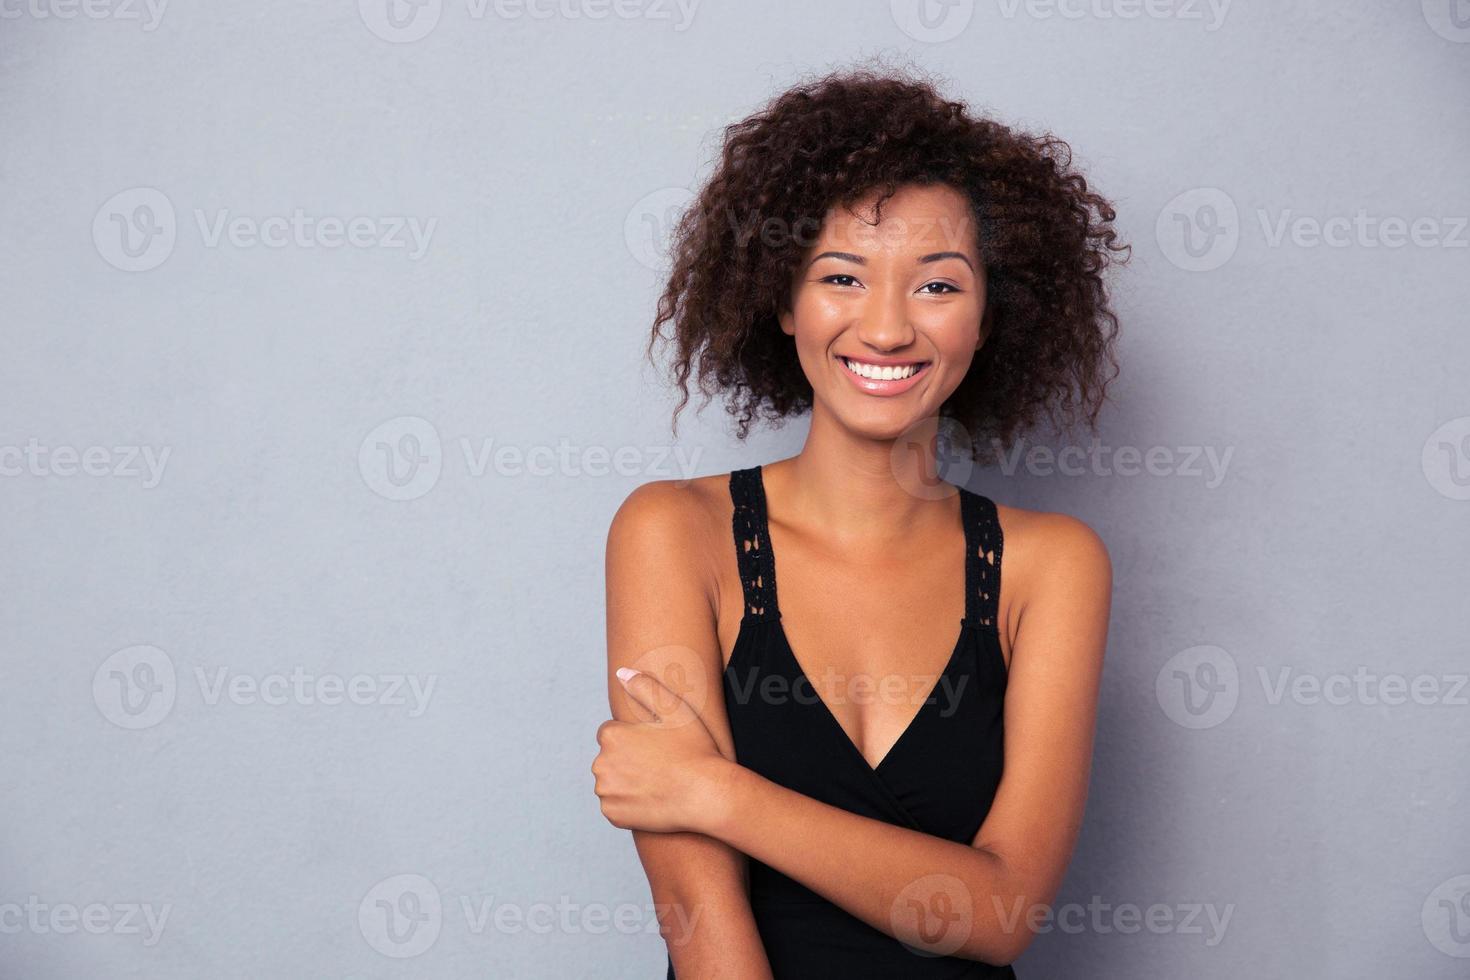 retrato de uma mulher africana negra feliz foto